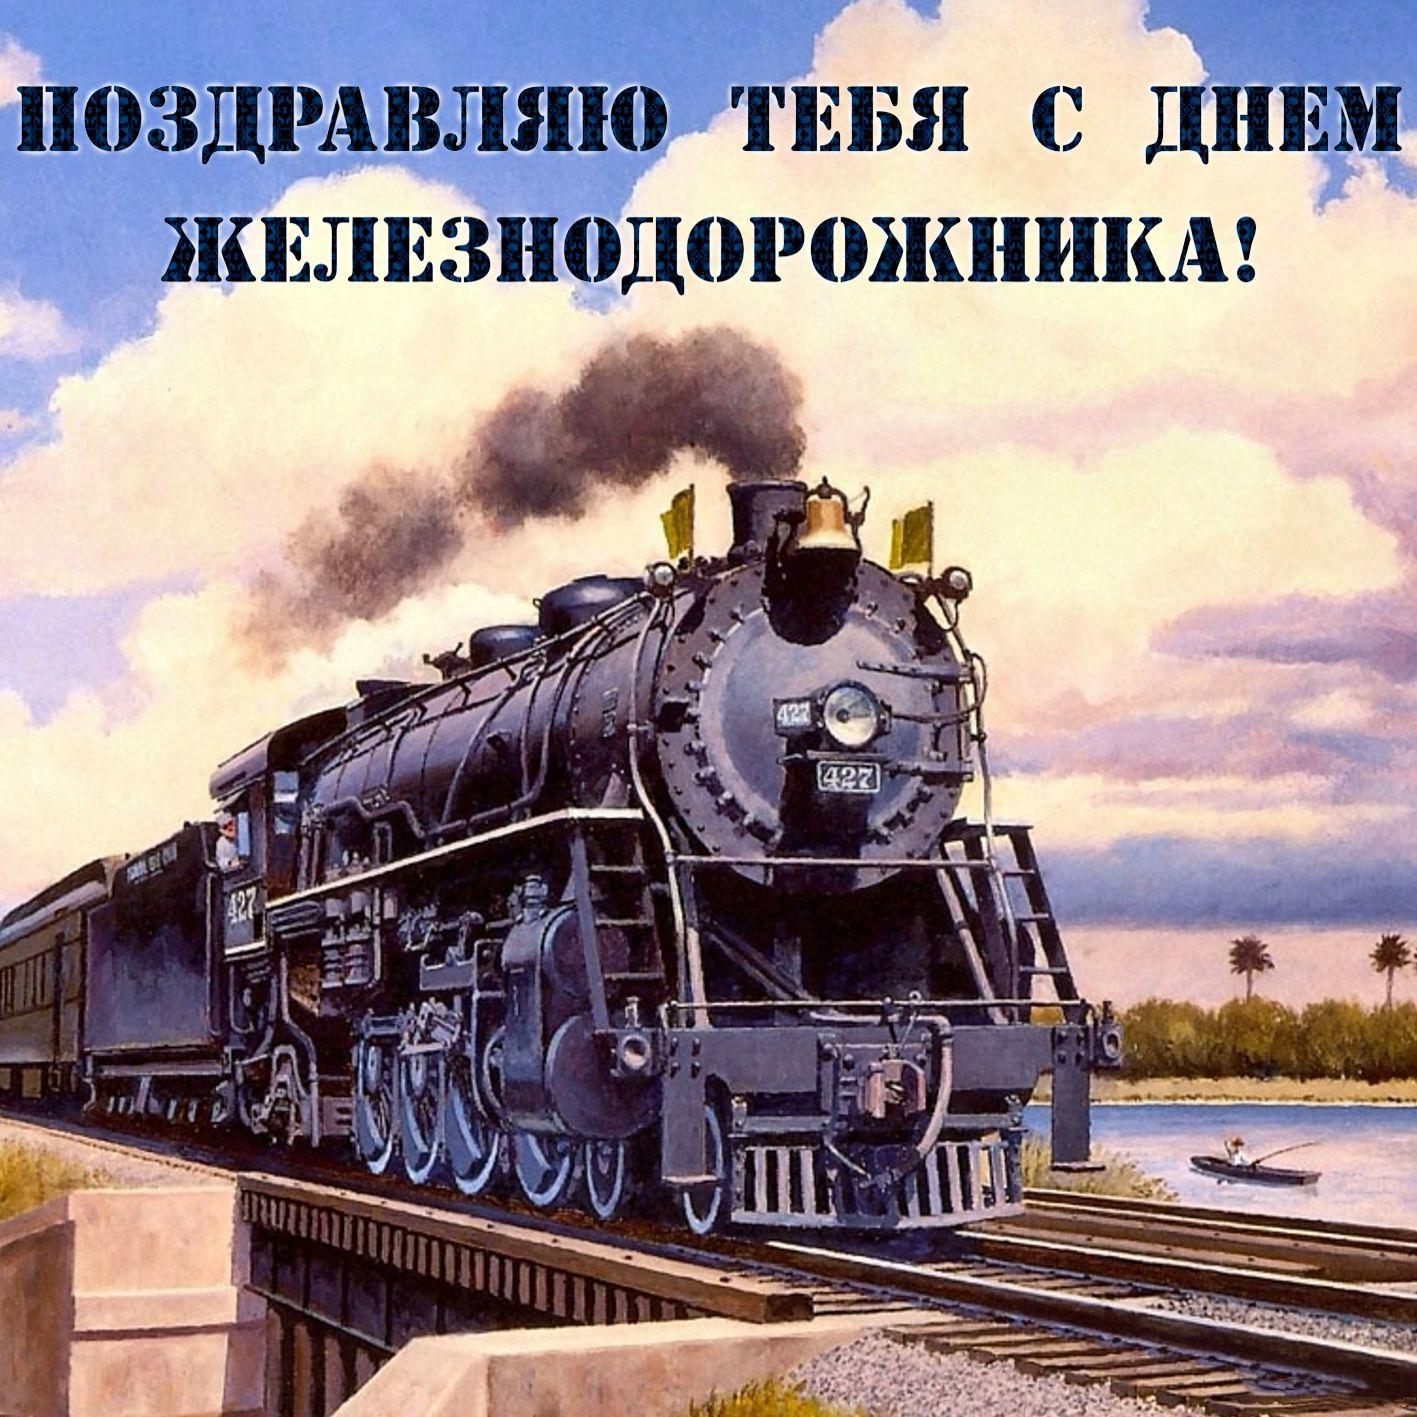 выращивании картинки ко дню железнодорожника украины данный момент